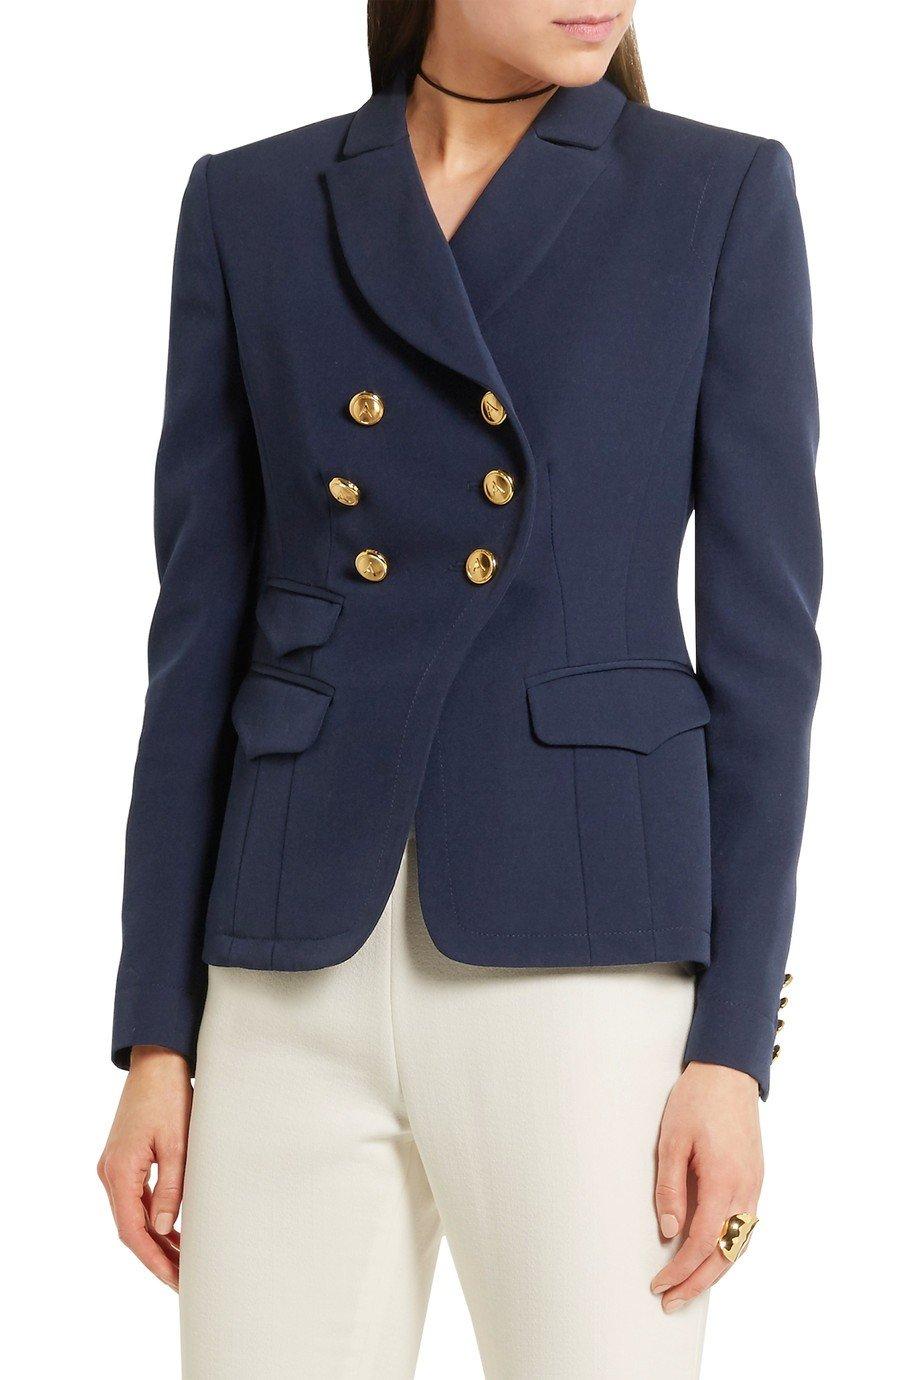 синий модный пиджак женский с золотыми пуговицами 2018 года фото новинки модные тенденции